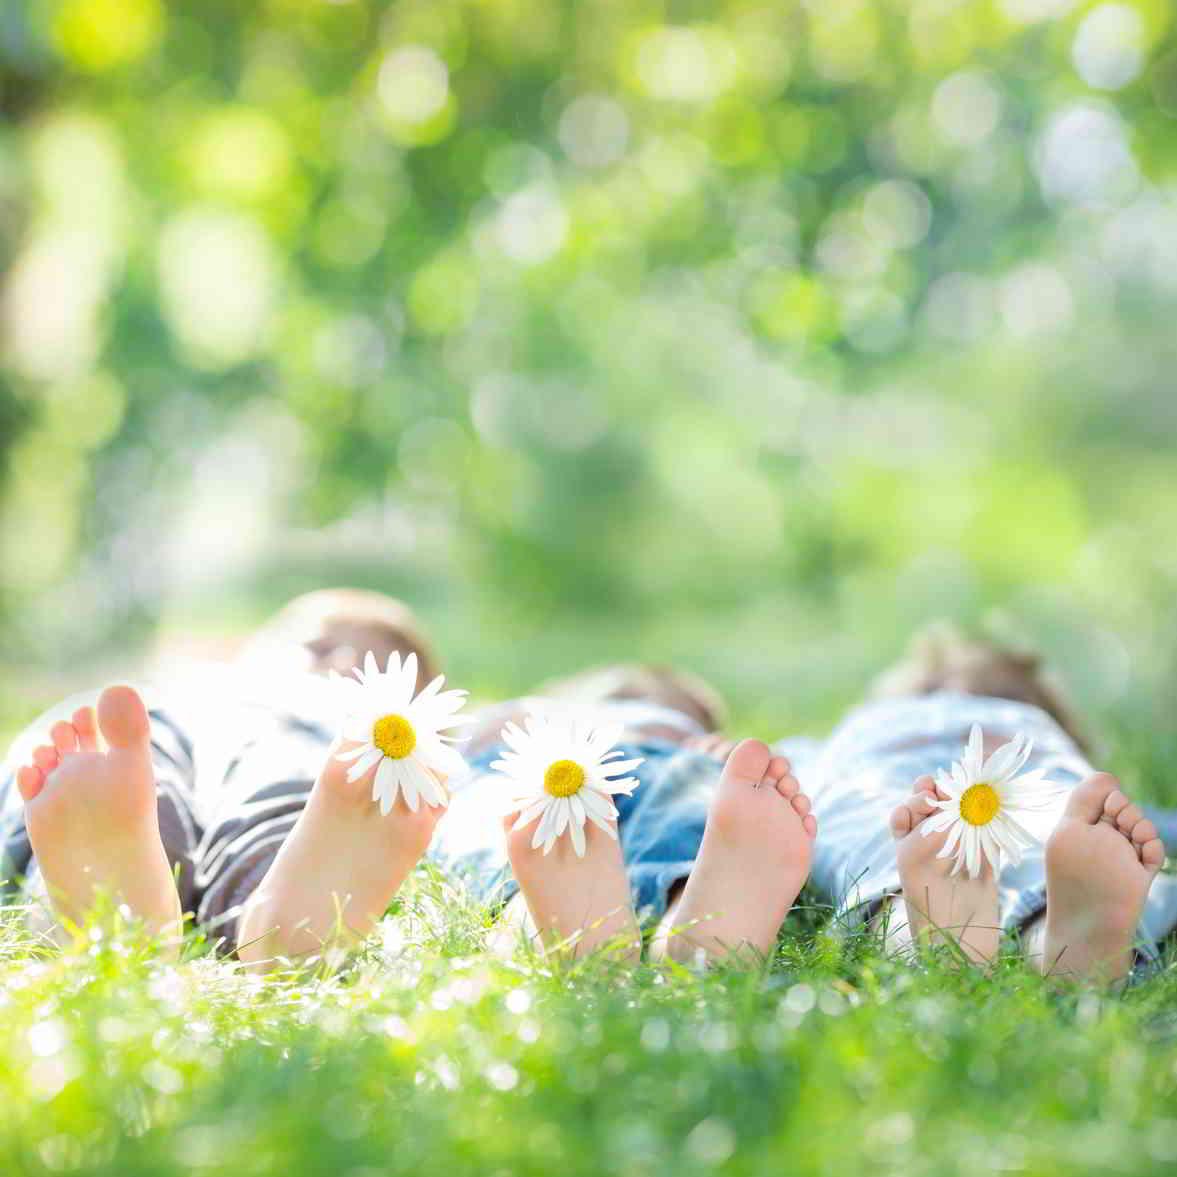 רגליים עם פרחים על הדשא